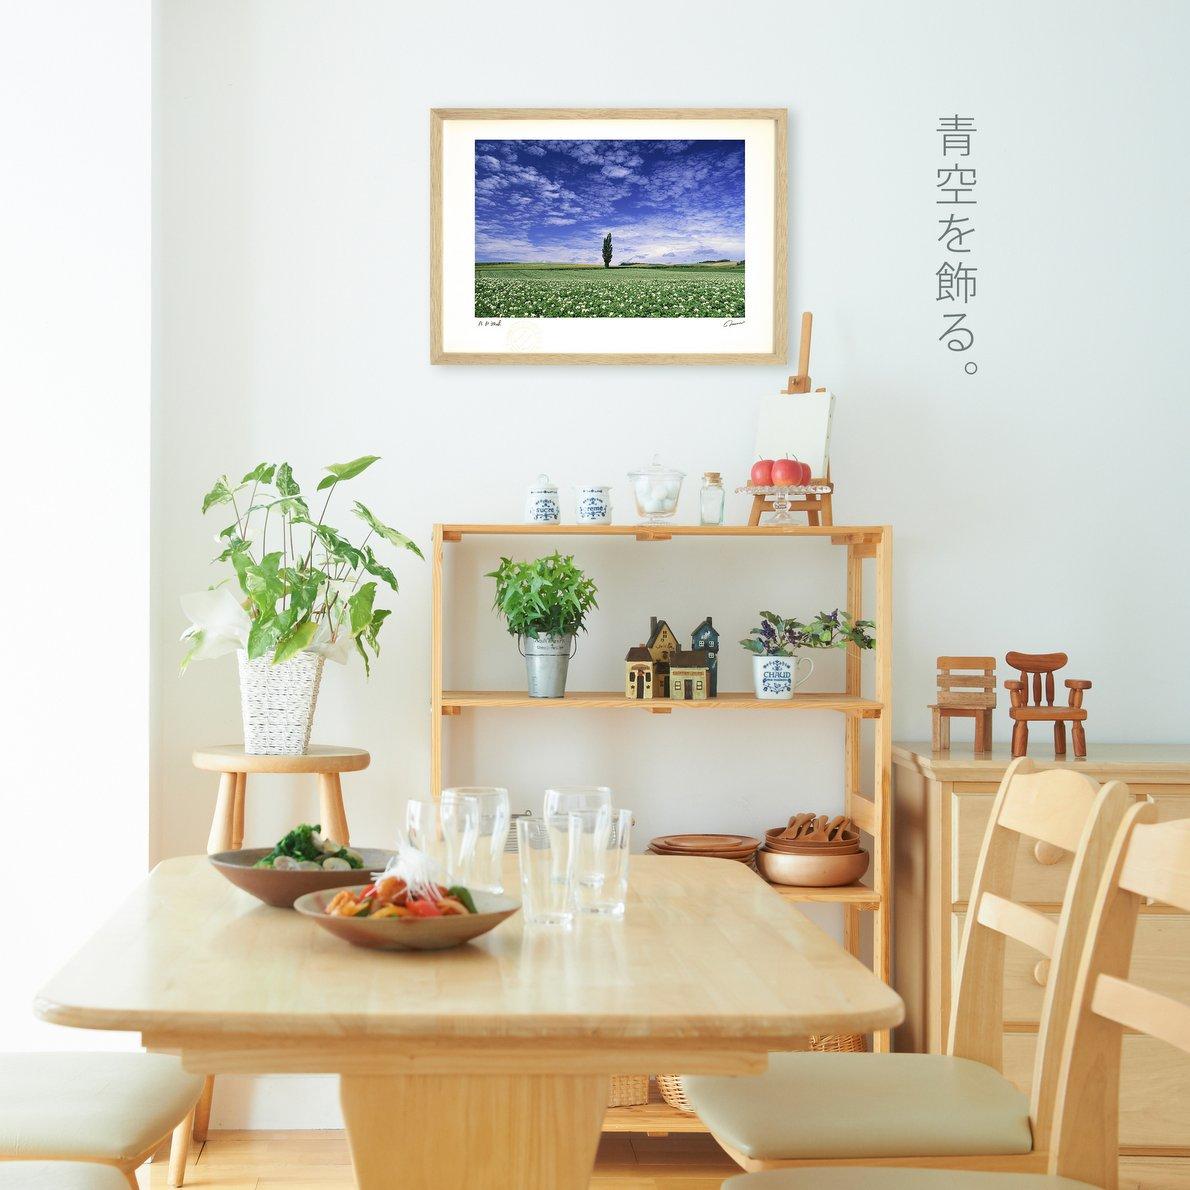 《アートフォト》水滴2/上富良野町〔富良野・高橋真澄〕(レンタル対象)